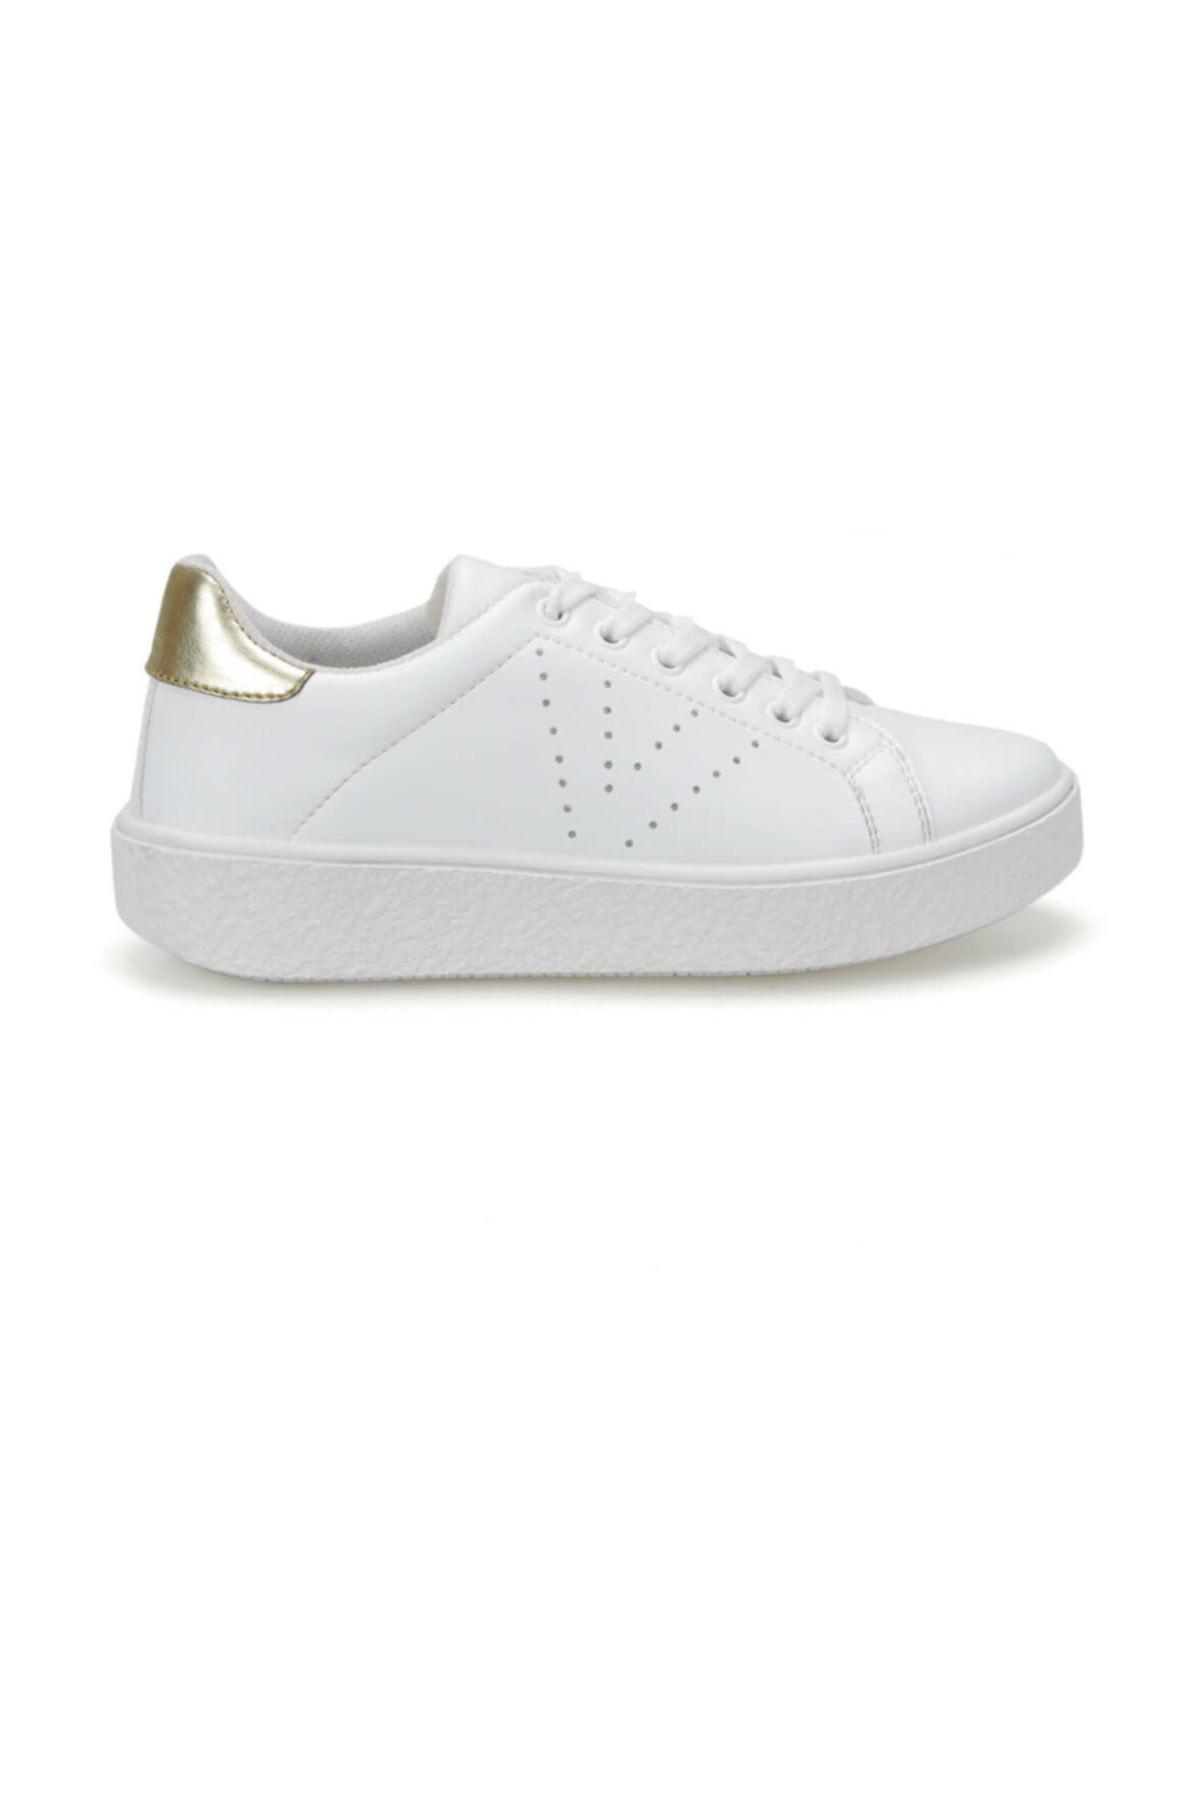 ART BELLA Beyaz Kadın Sneaker